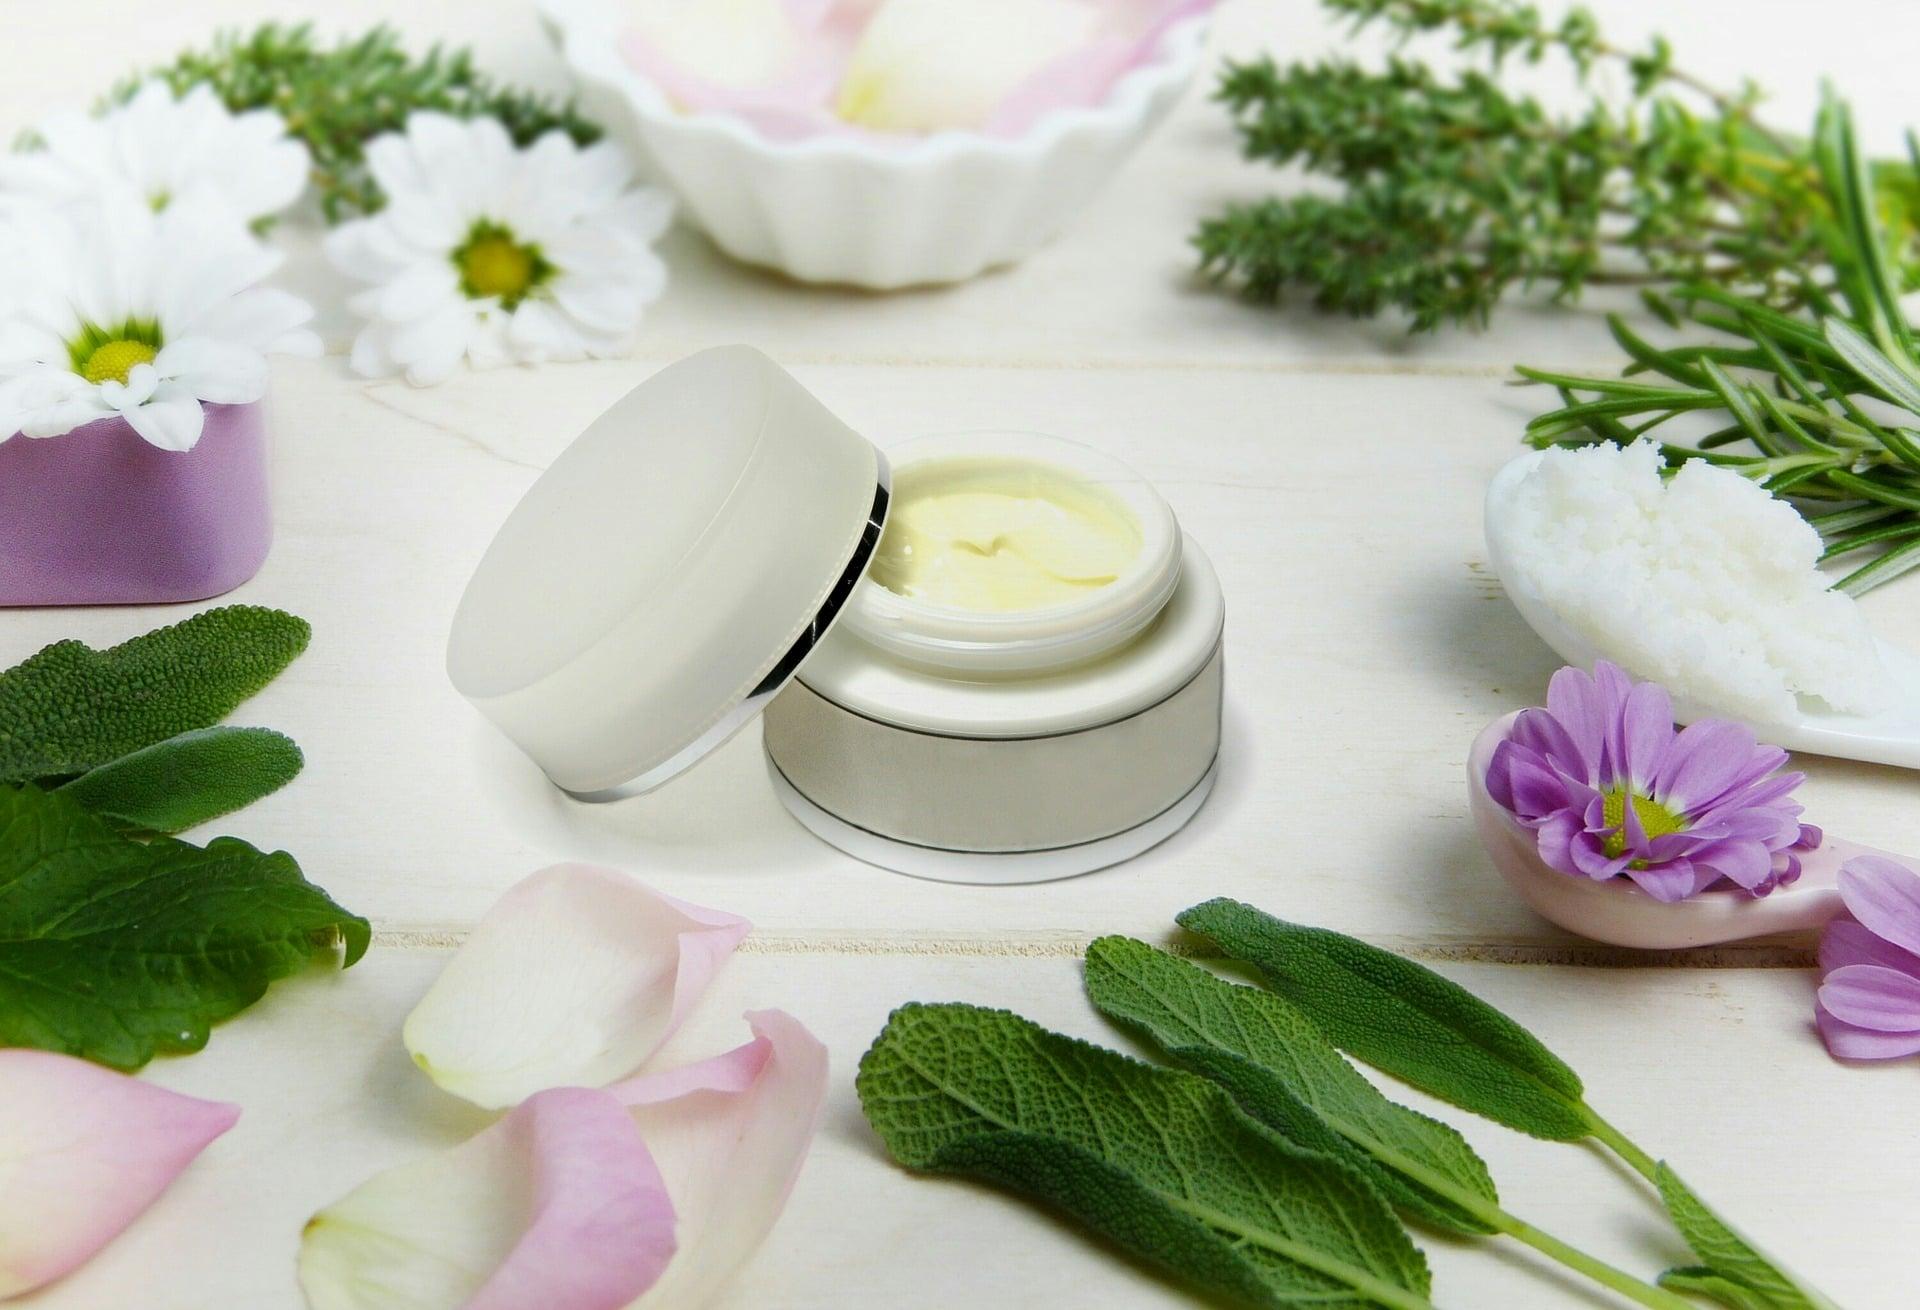 Beurre de coco cosmétique: comment l'utiliser?